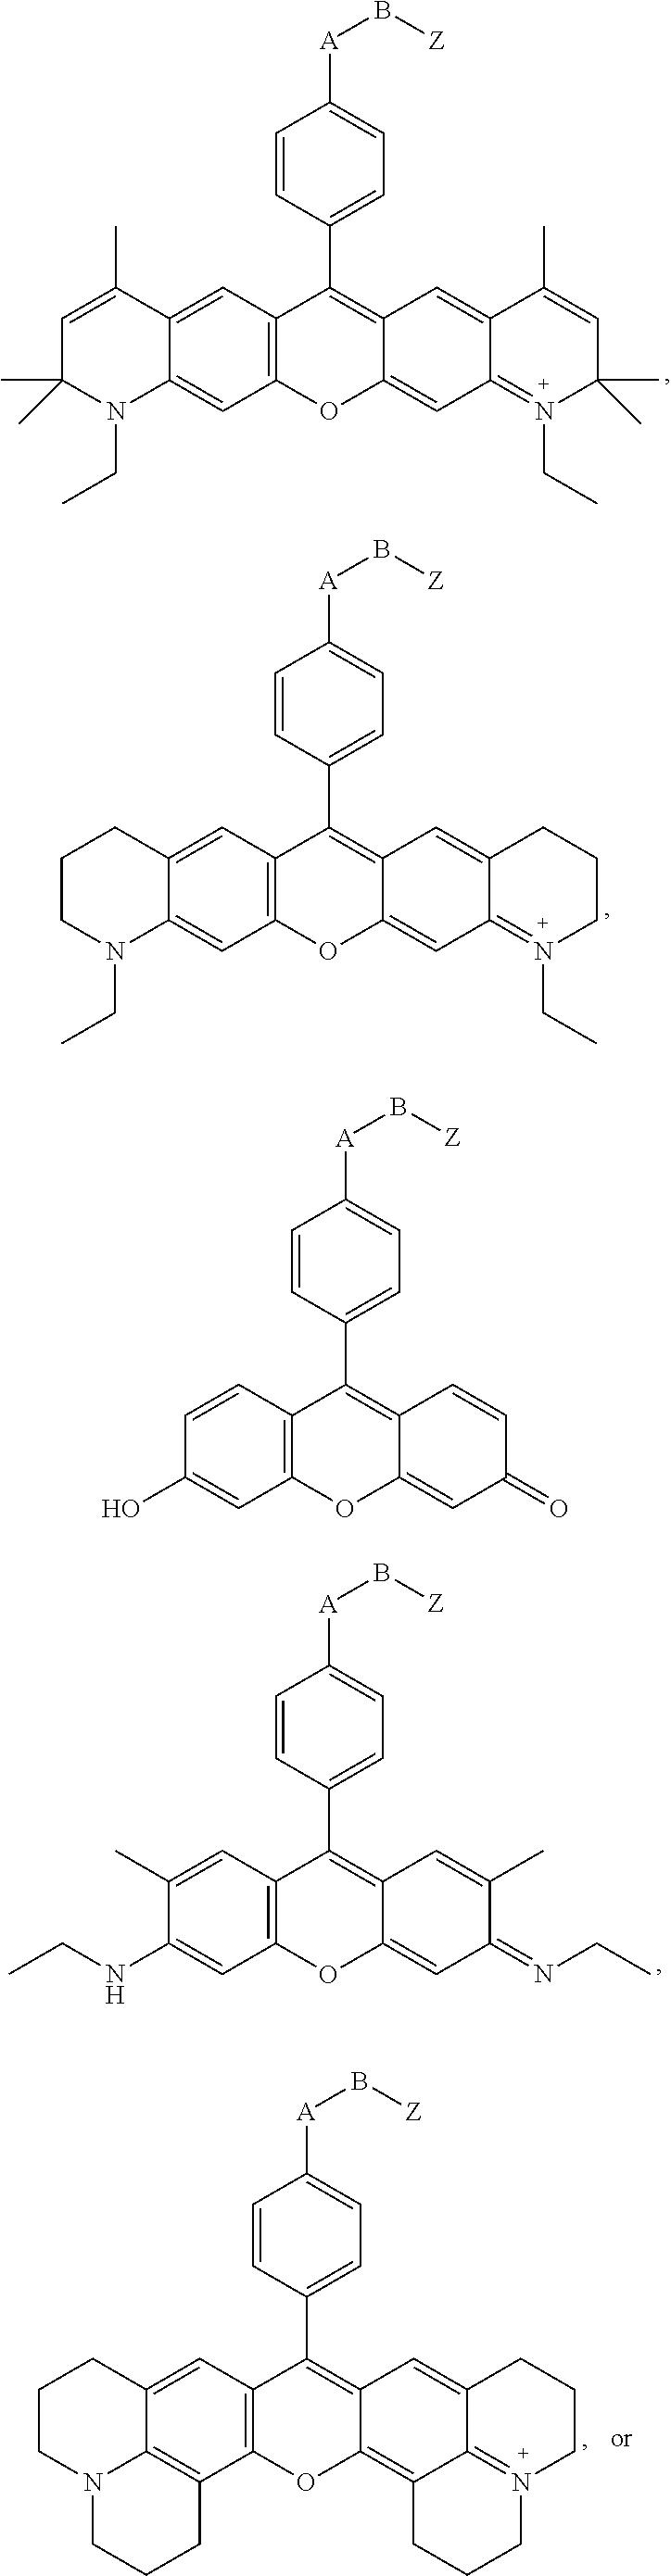 Figure US10106573-20181023-C00008